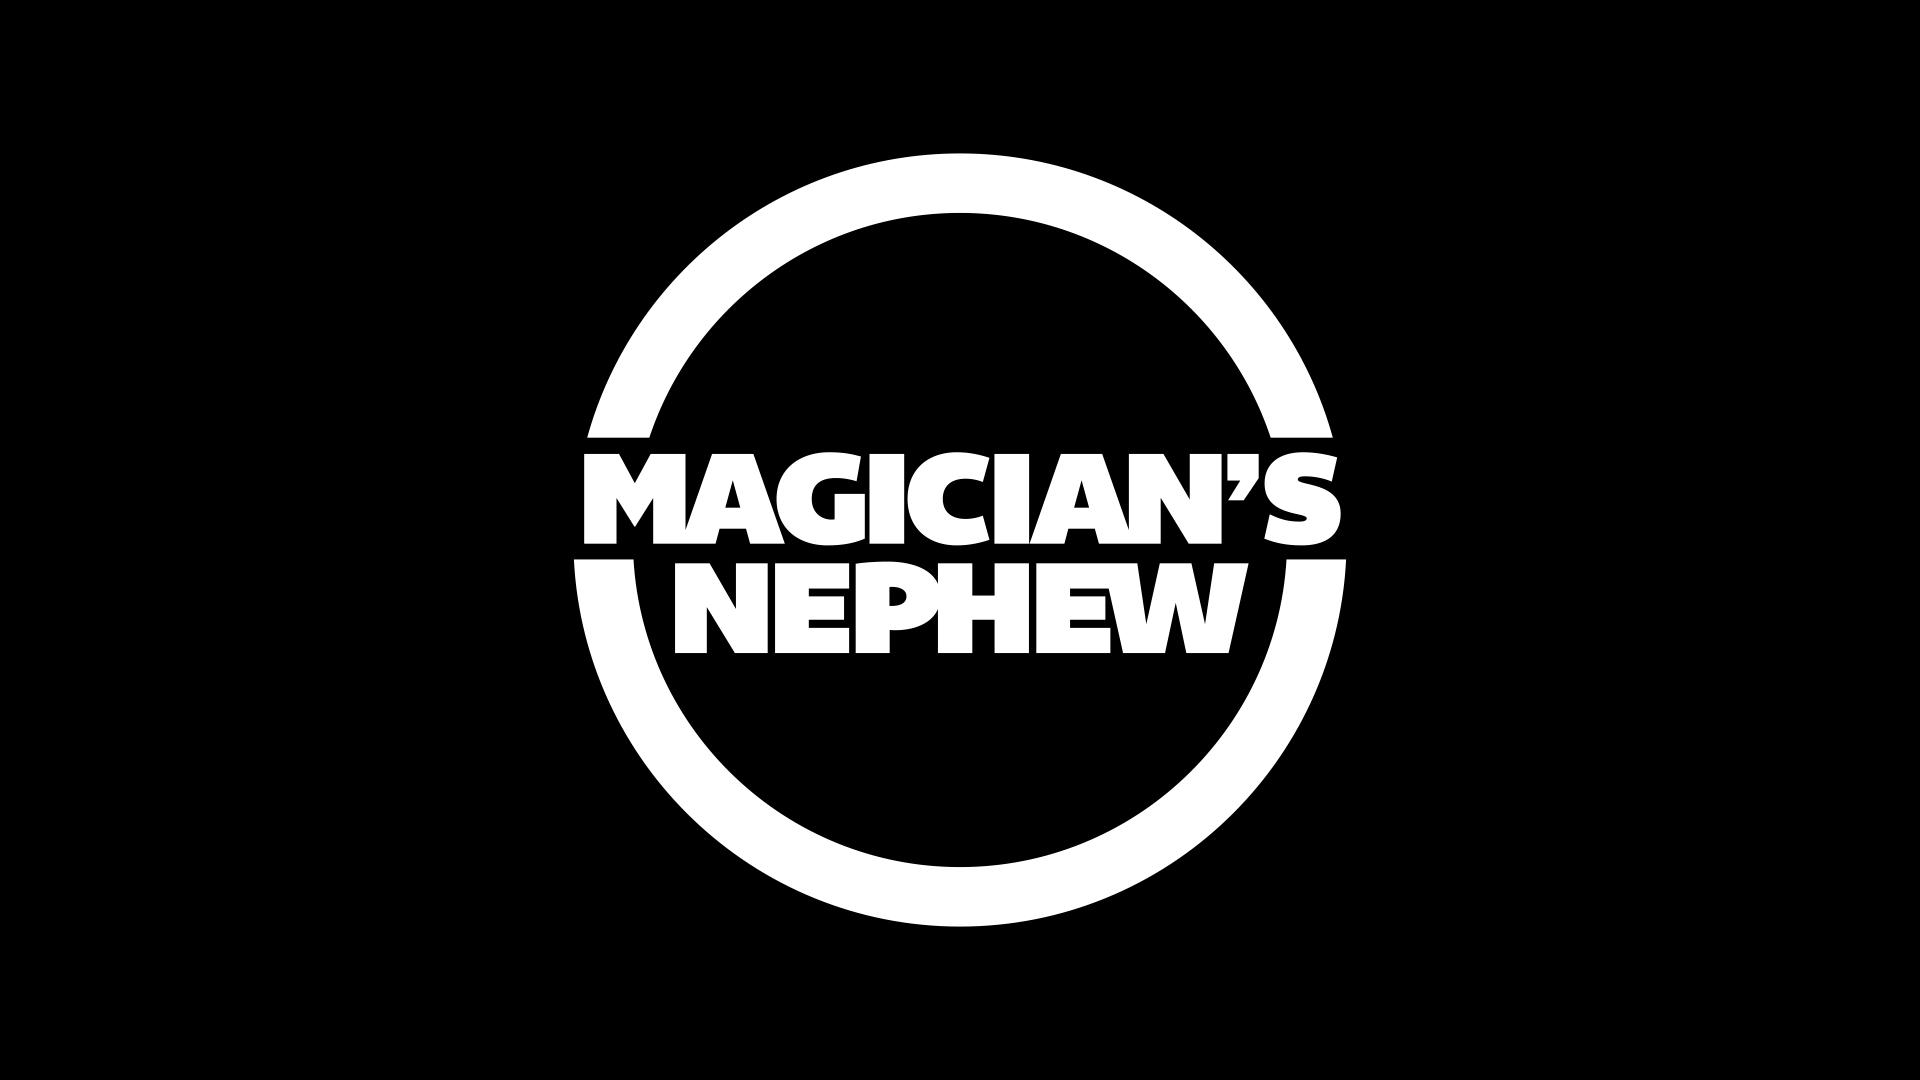 MNB_logo_white-on-black.jpg